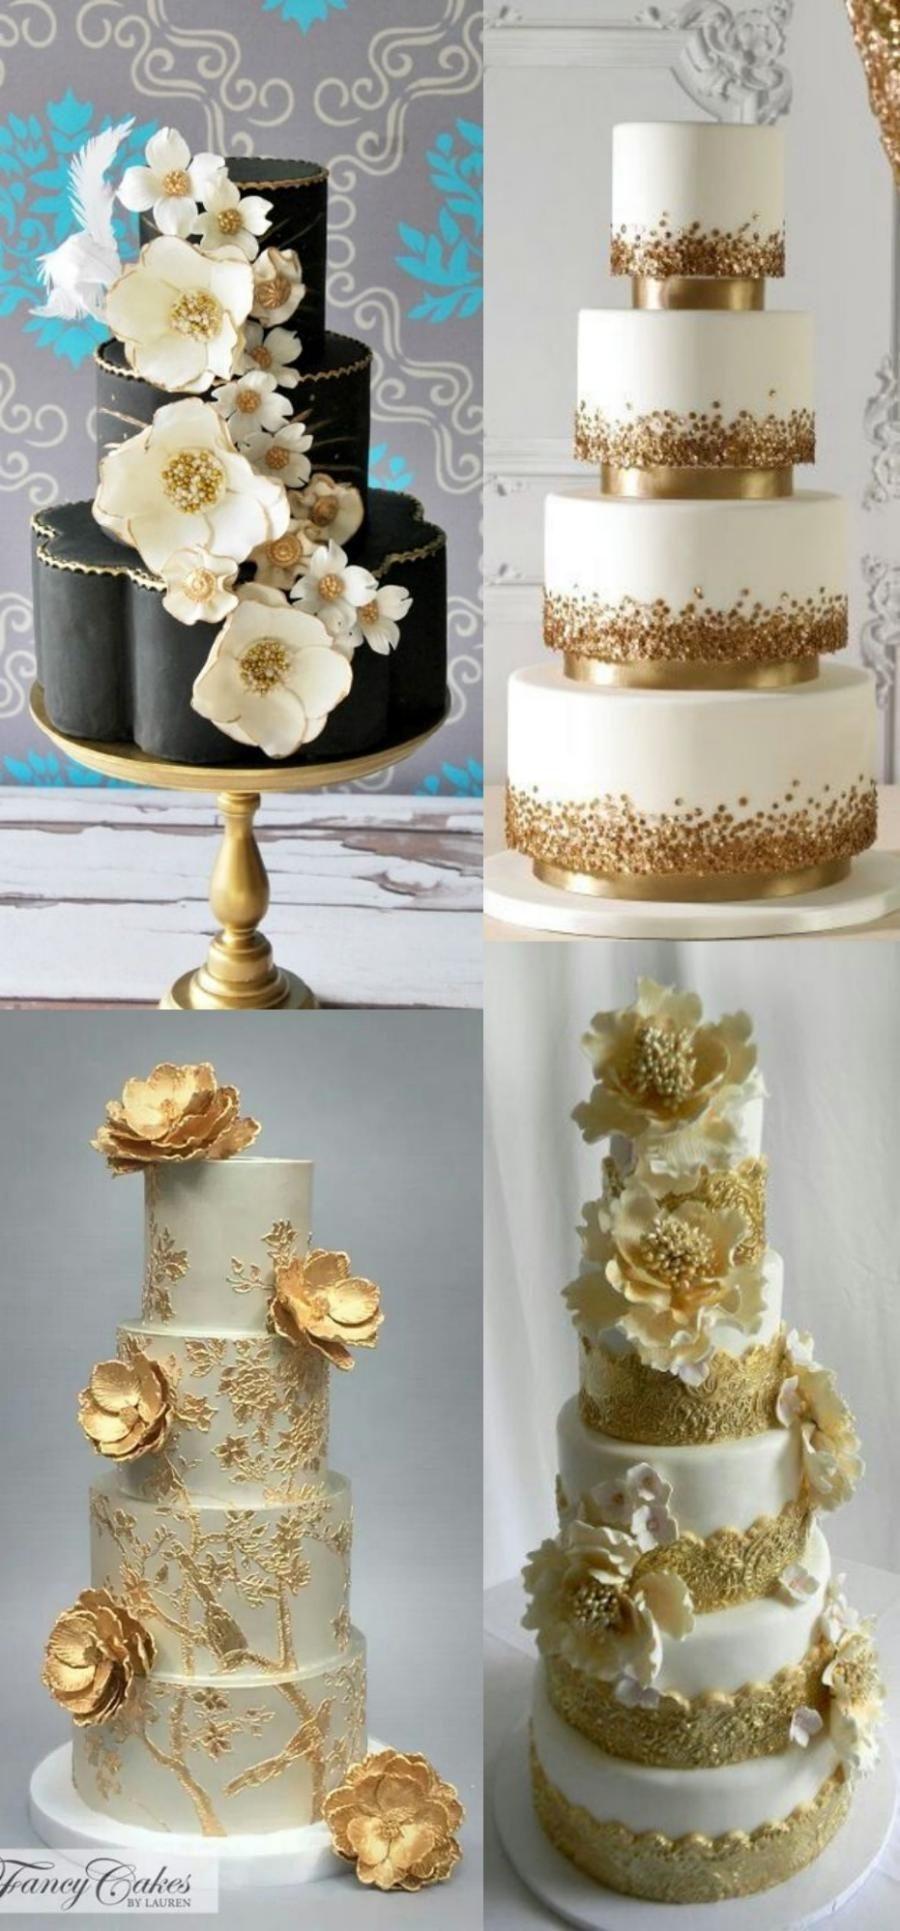 20 ideias para festa de bodas de ouro - decoração do bolo